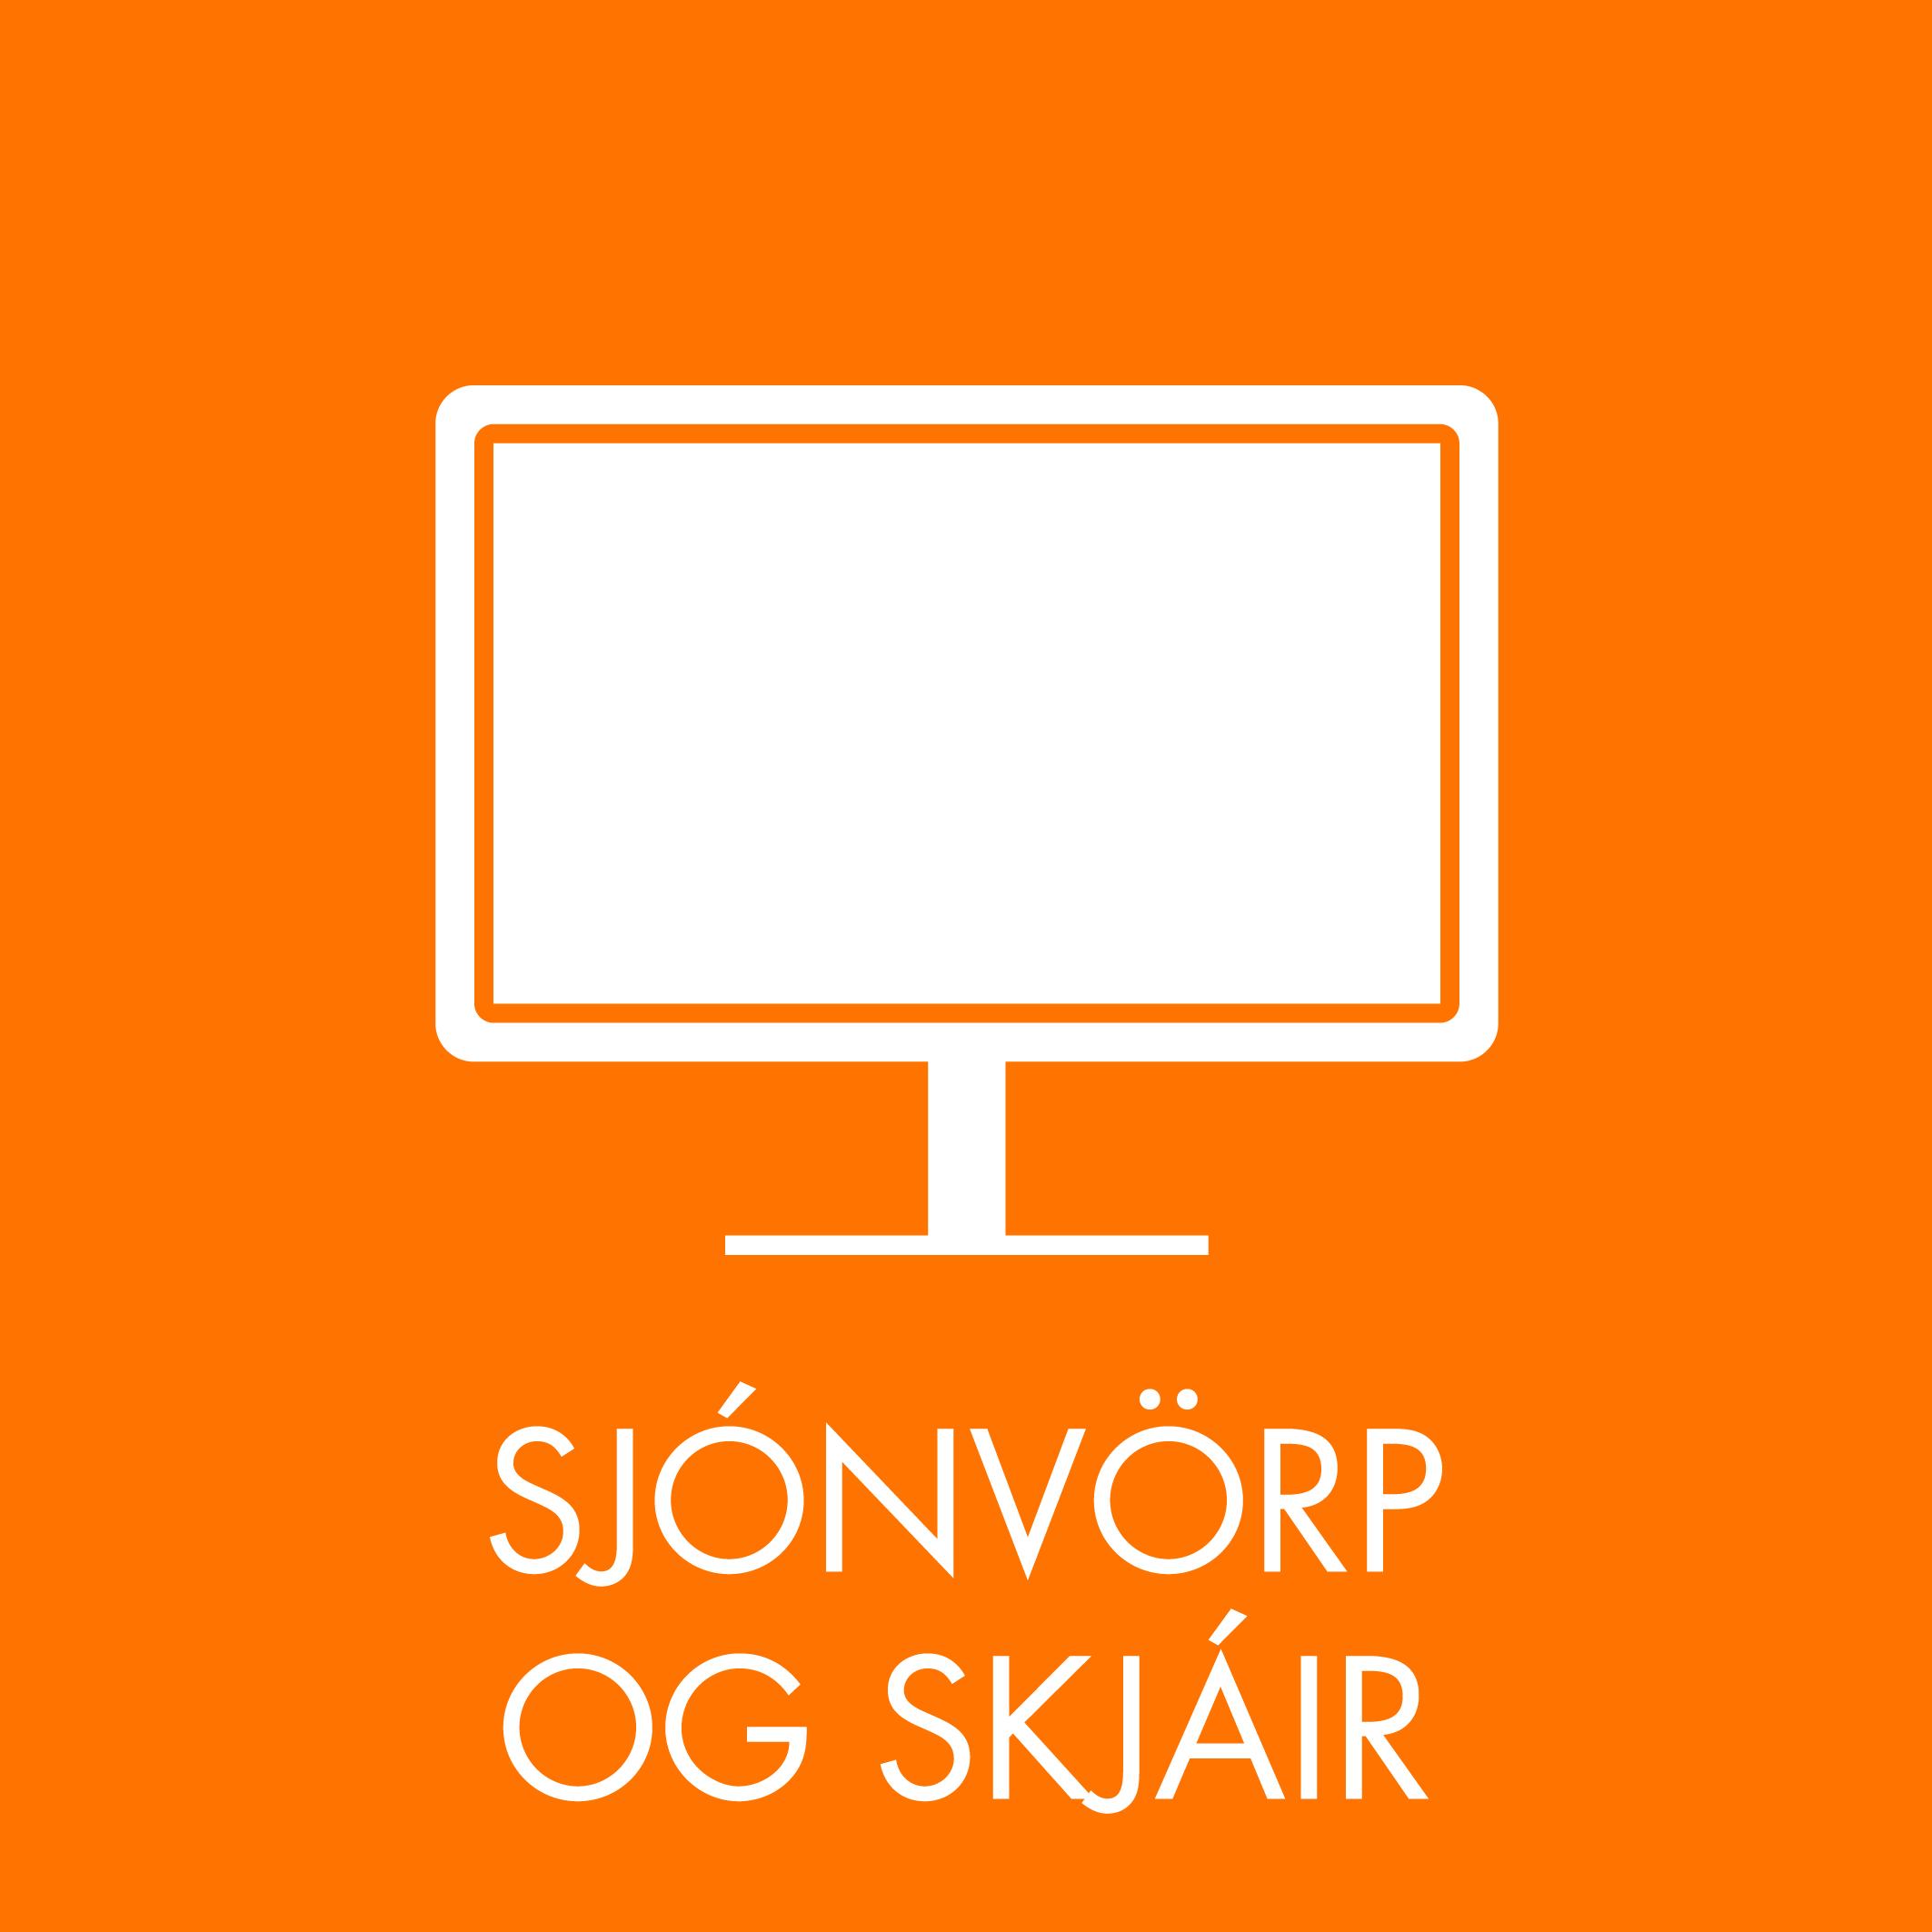 Sjónvörp og skjáir